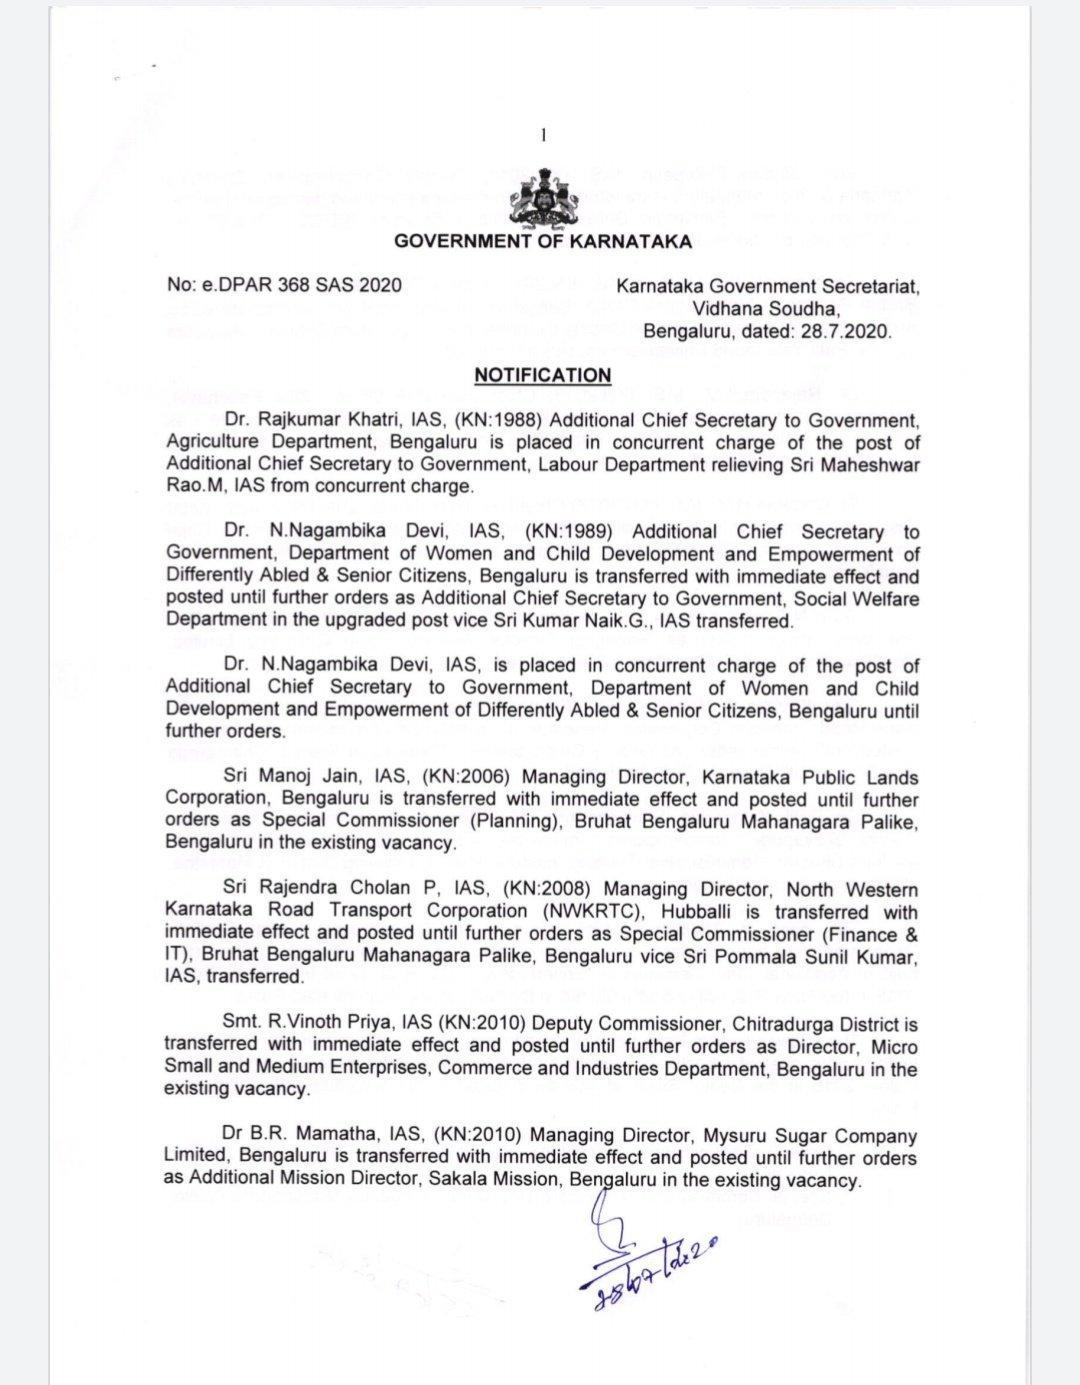 Karnataka bureaucratic reshuffle